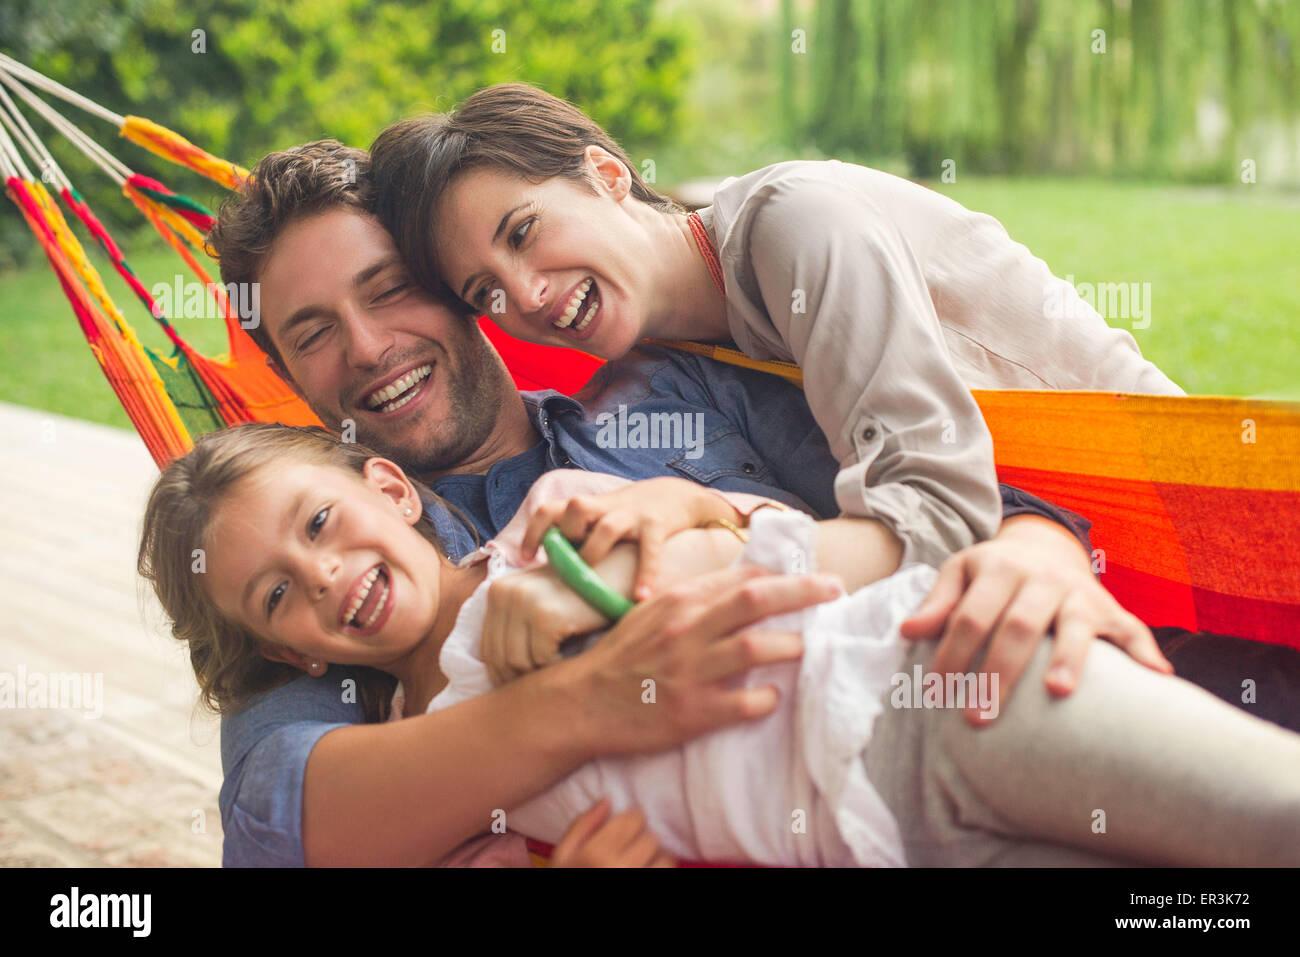 Jouant sur la famille hamac Photo Stock